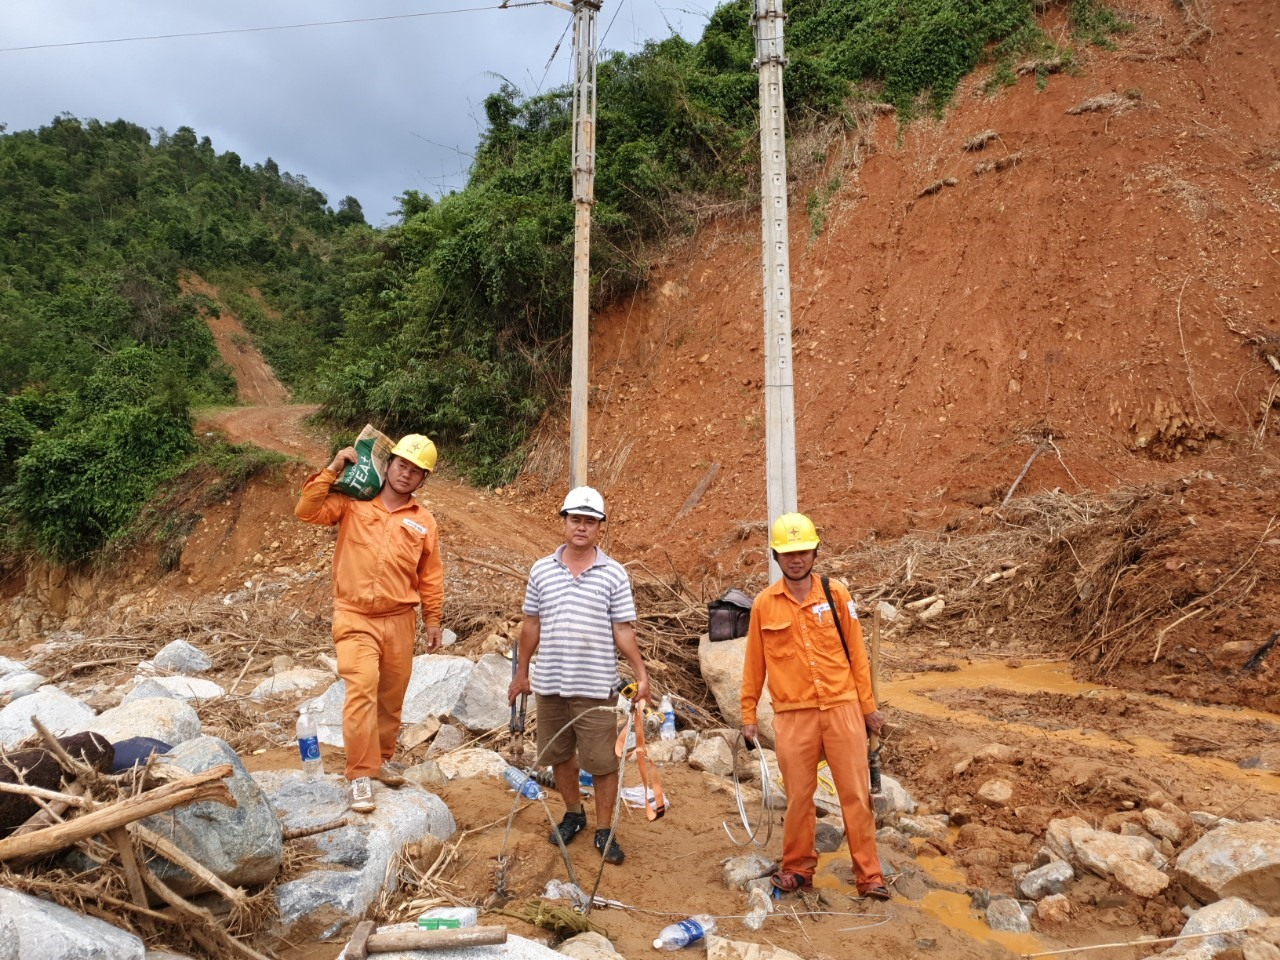 CBCNV Điện lực Hiệp Đức nỗ lực khắc phục hậu quả bão lũ, hoàn thành cấp điện lại phục vụ người dân xã Phước Lộc. Ảnh: KIÊN PHAN